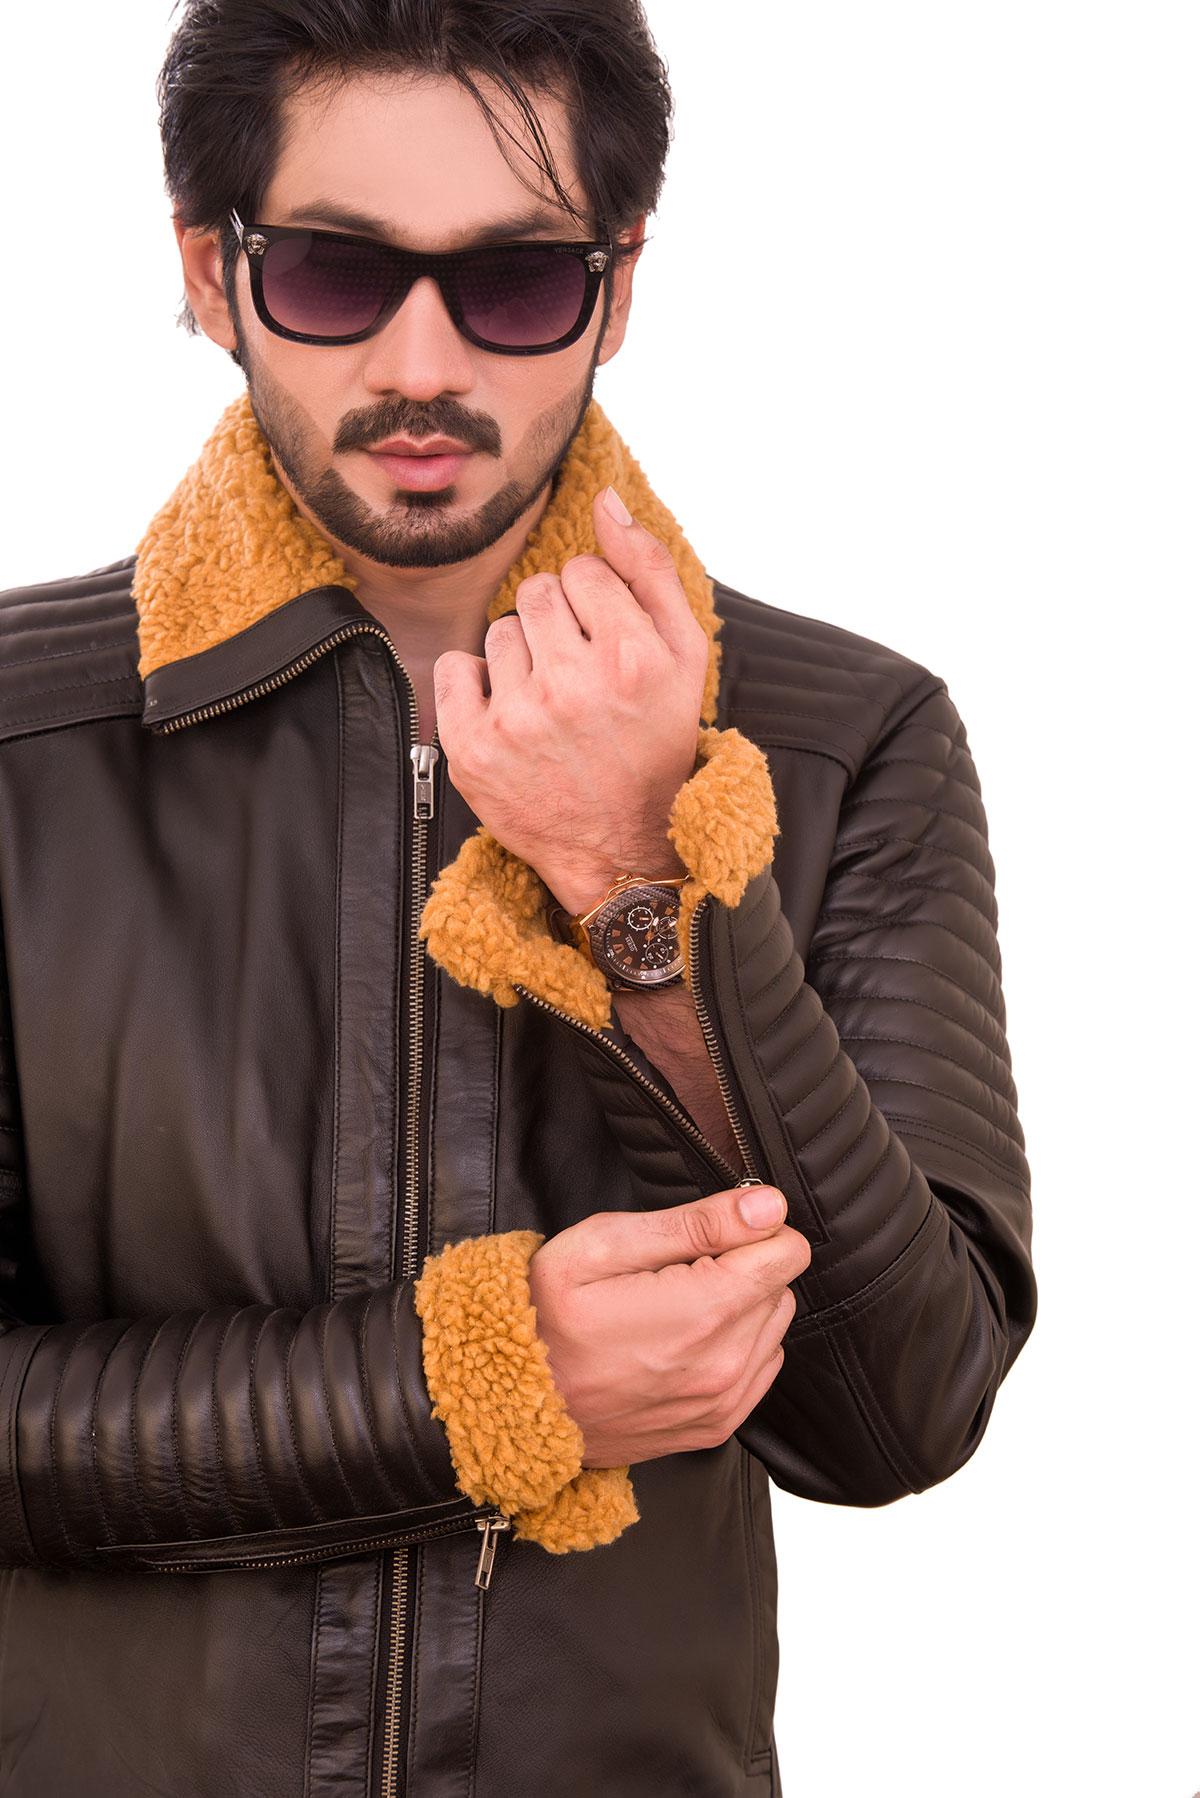 cafe racer jacket style